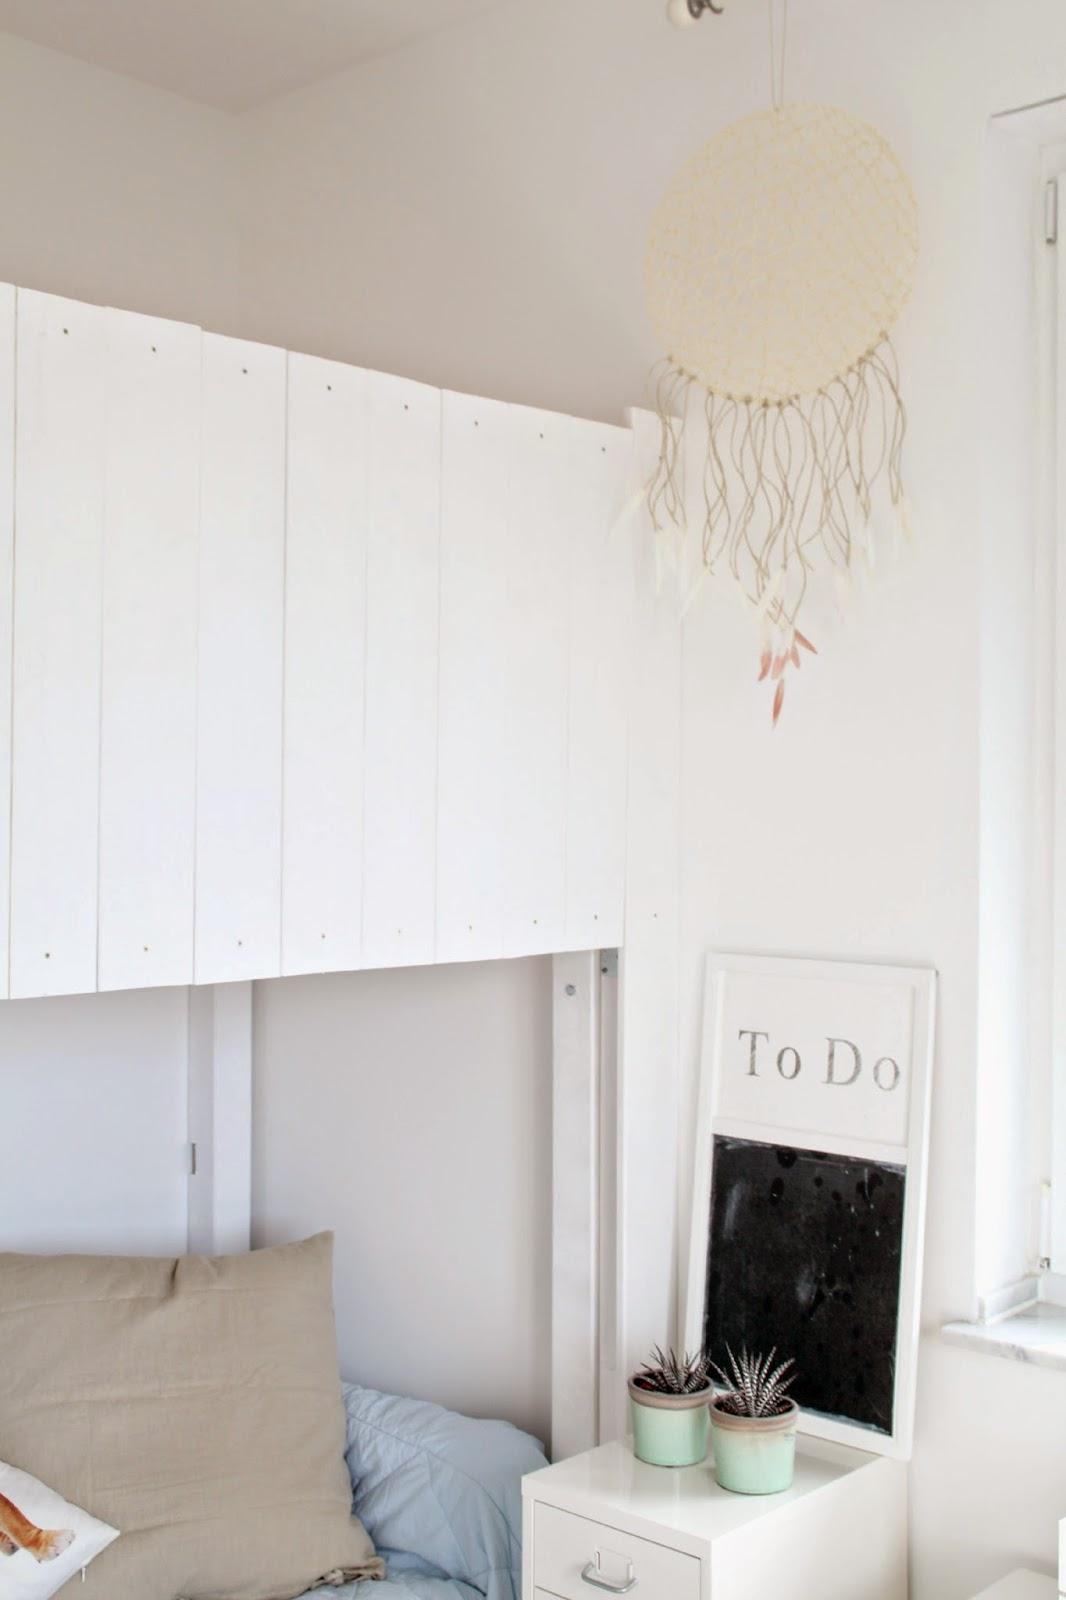 deko donnerstag mit ikeahack diy traumf nger lady. Black Bedroom Furniture Sets. Home Design Ideas